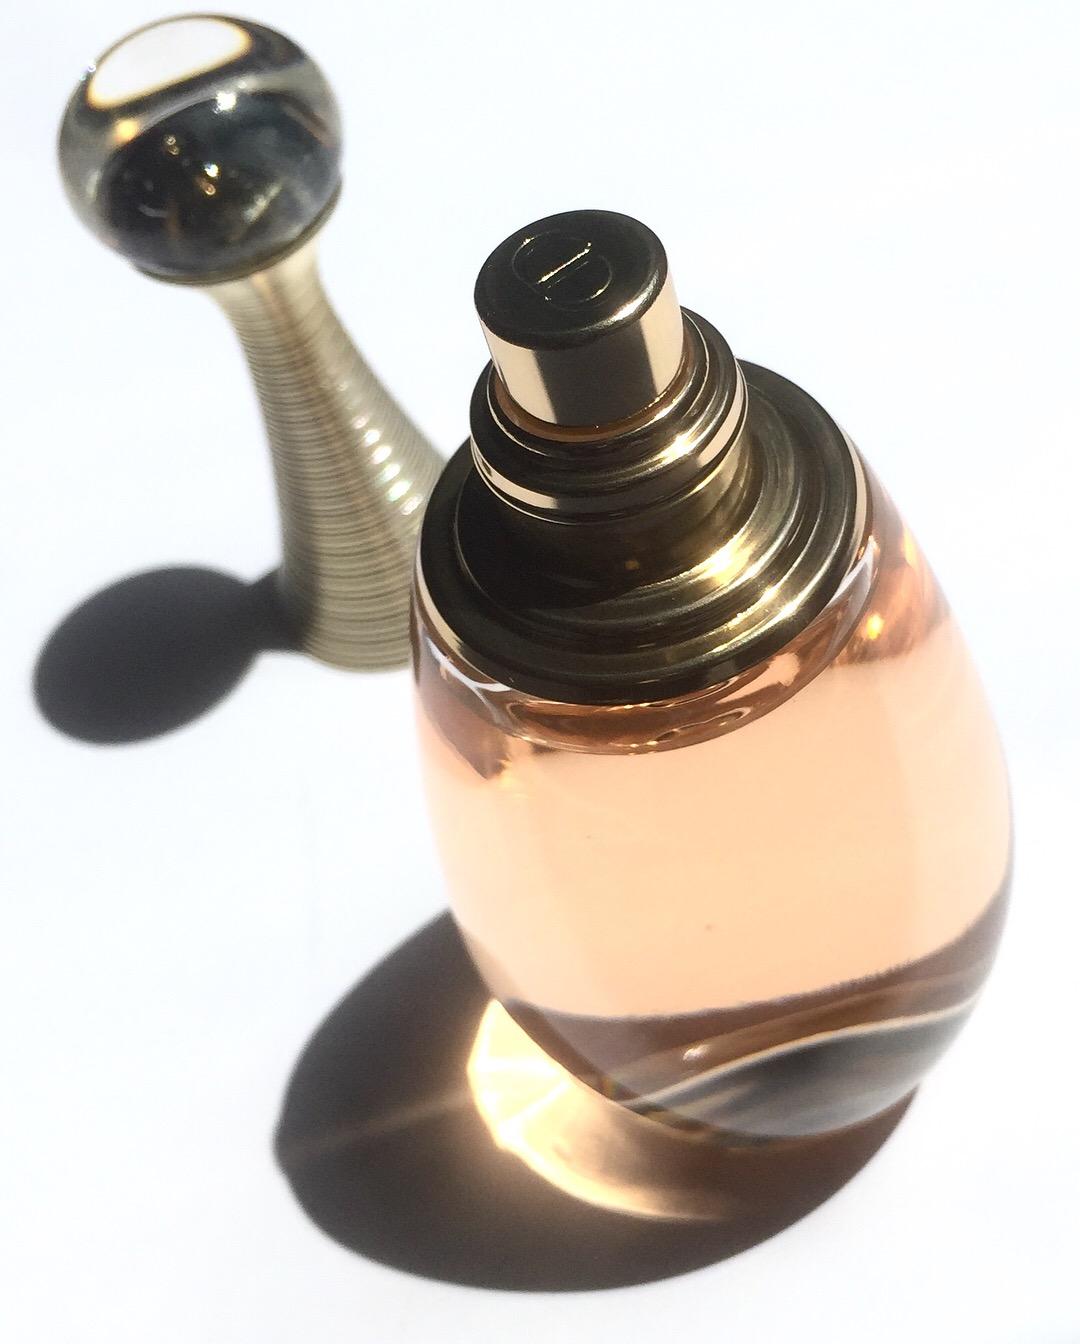 Dior J'adore In Joy eau de parfum